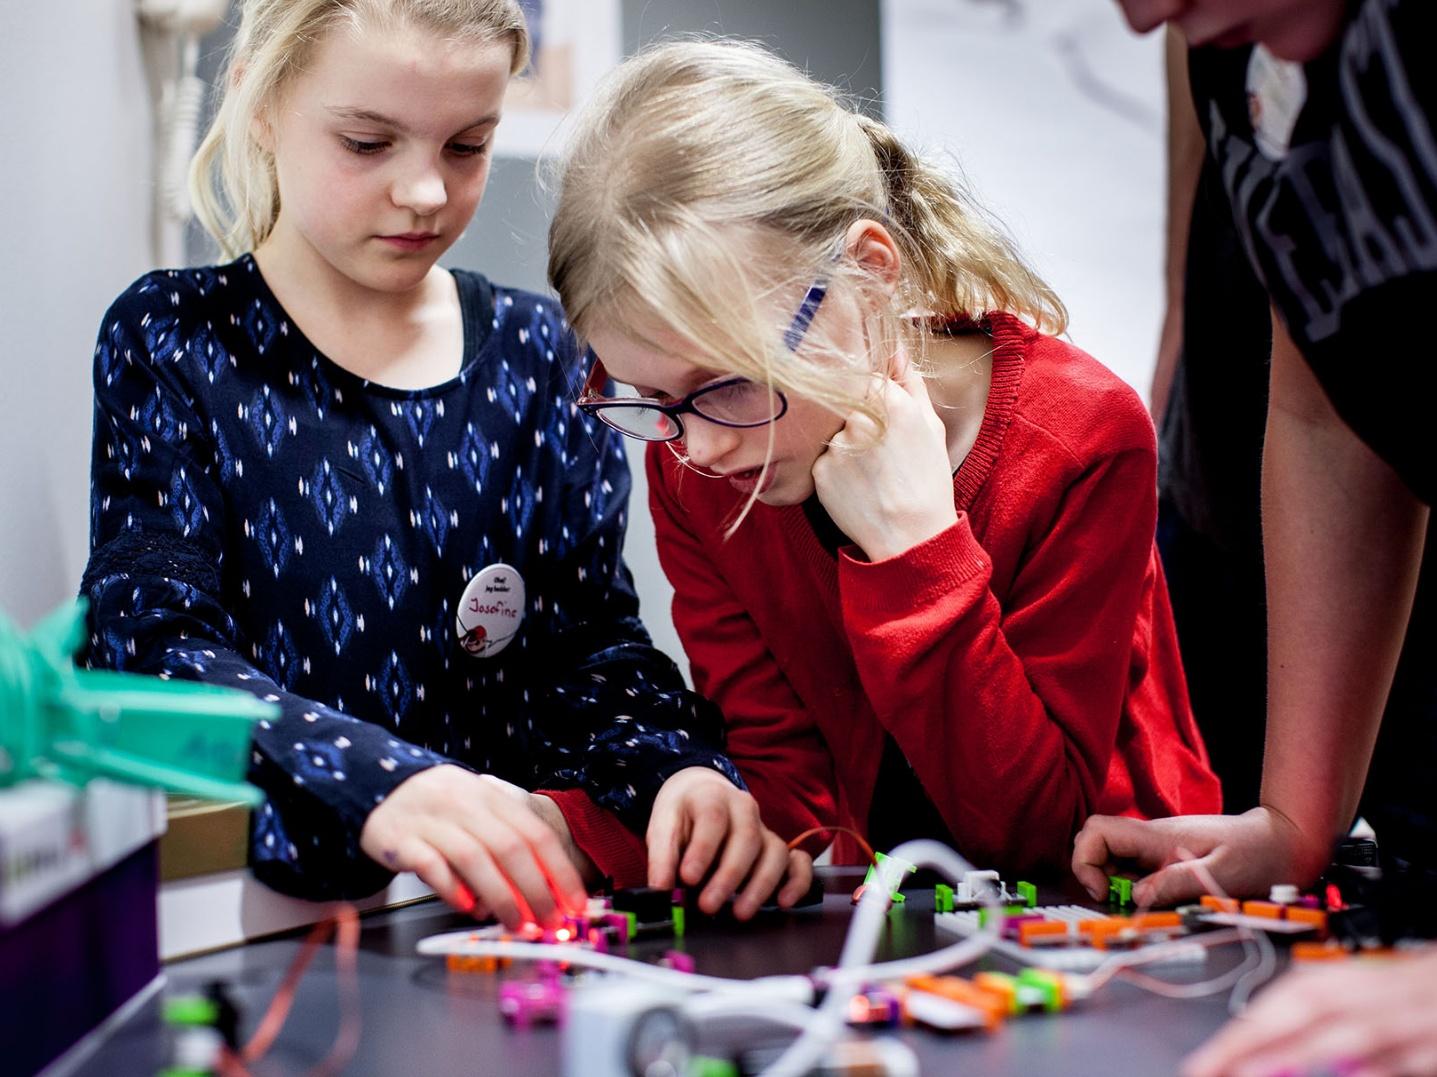 Piger igang med kodning Foto: Favroskov, MakeyMakey og Banjamin Pomerleau